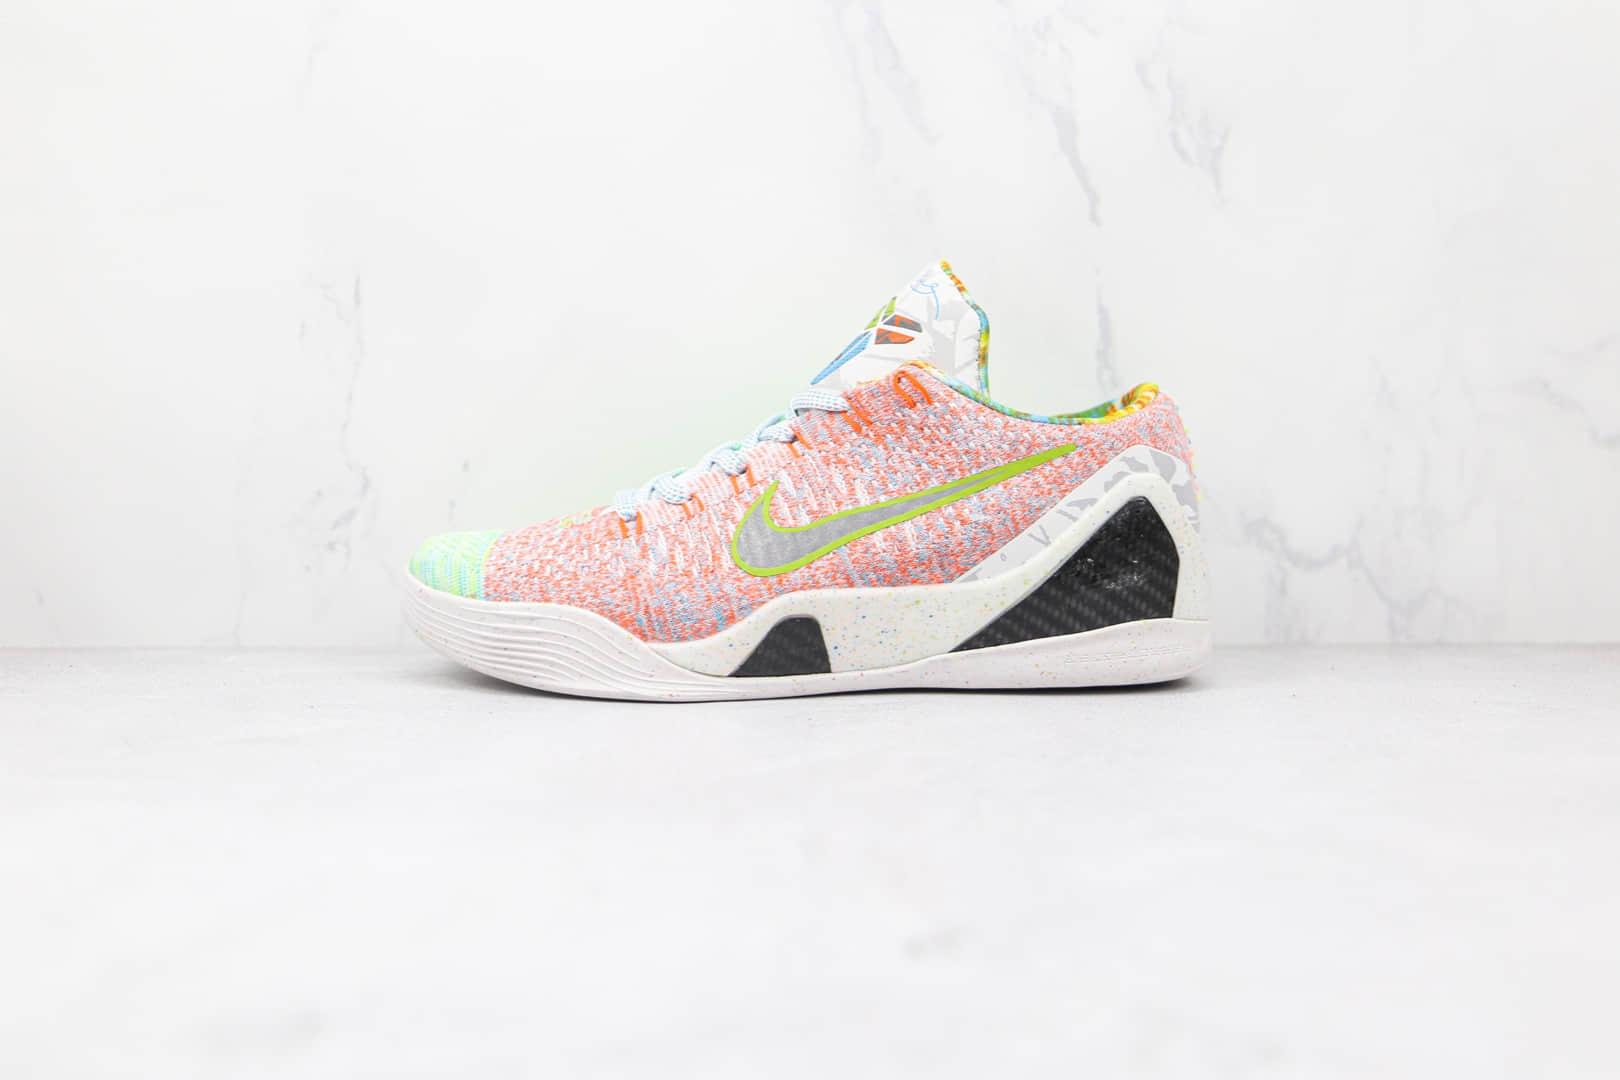 耐克Nike Zoom Kobe IX纯原版本科比9代粉绿彩虹鸳鸯篮球鞋支持实战 货号:678301-904